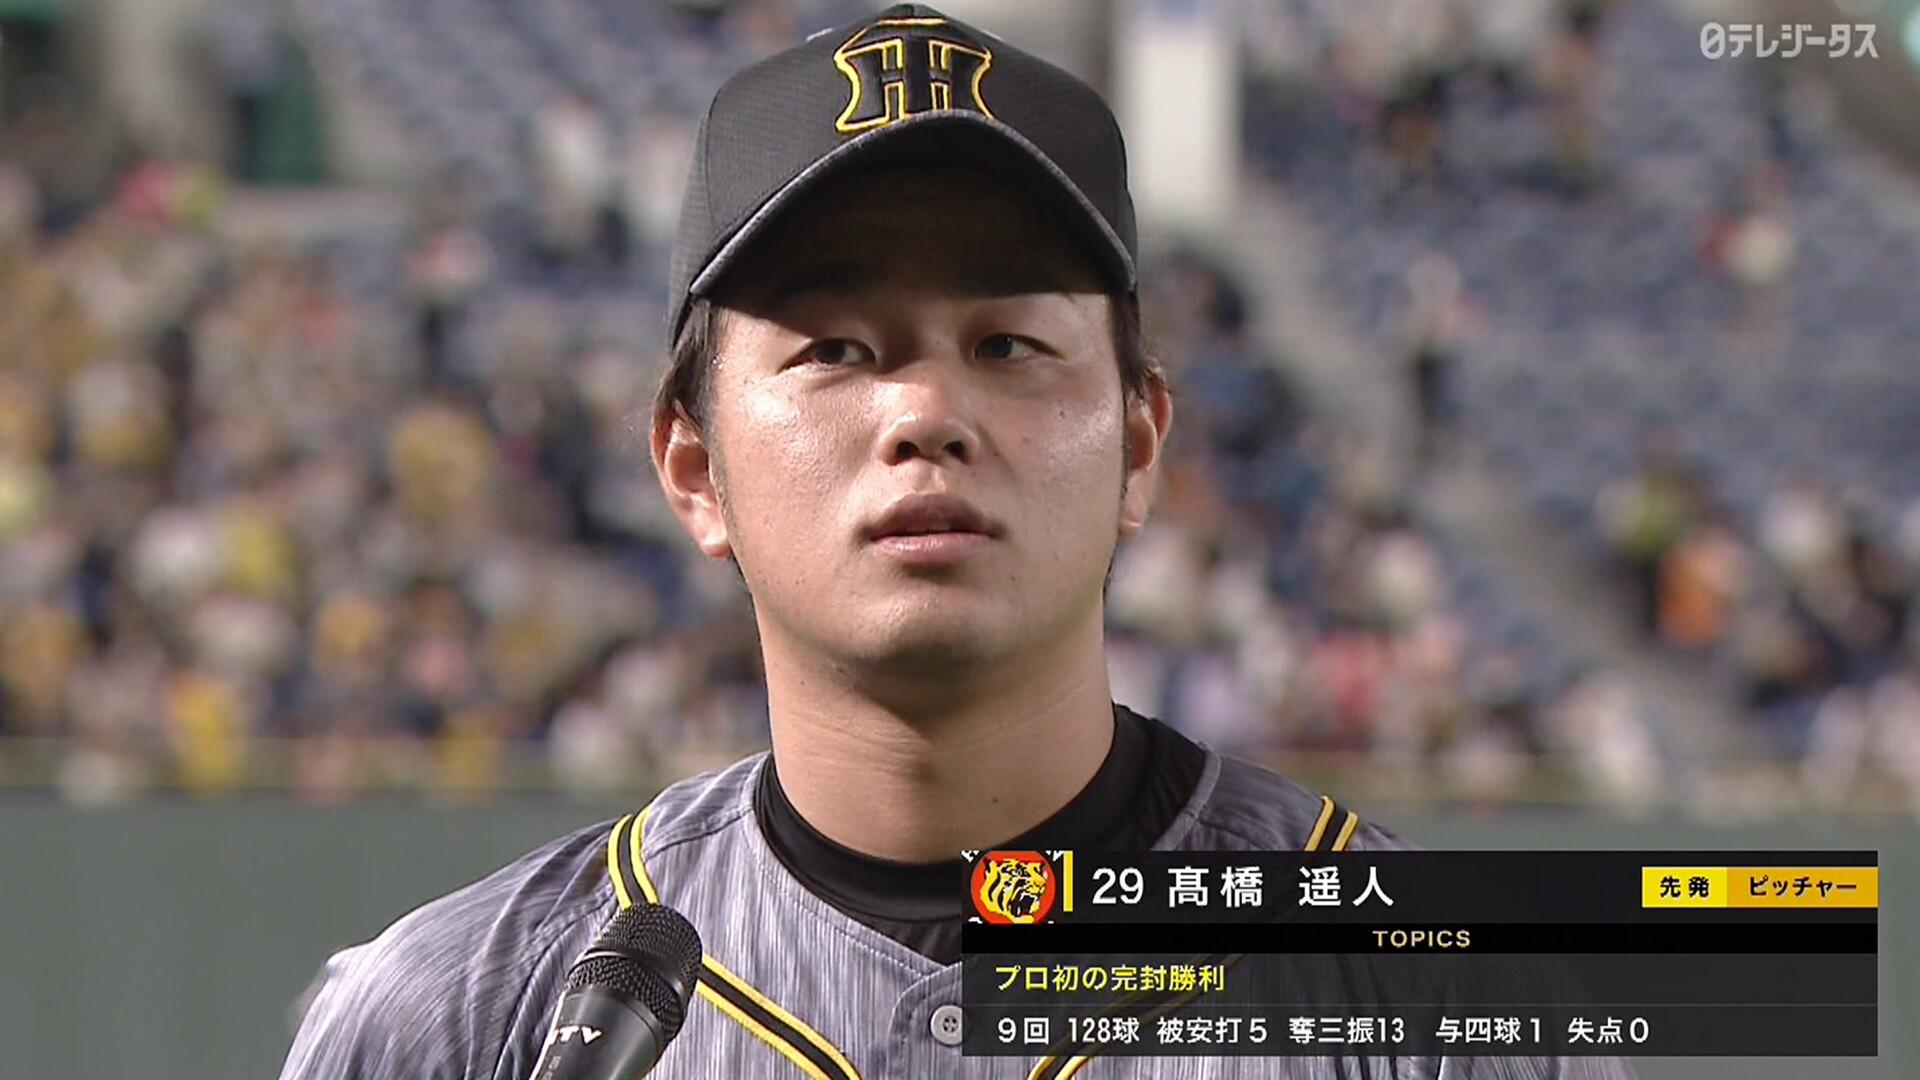 阪神・高橋遥人、13奪三振でプロ初完封 ラストピース最高や!